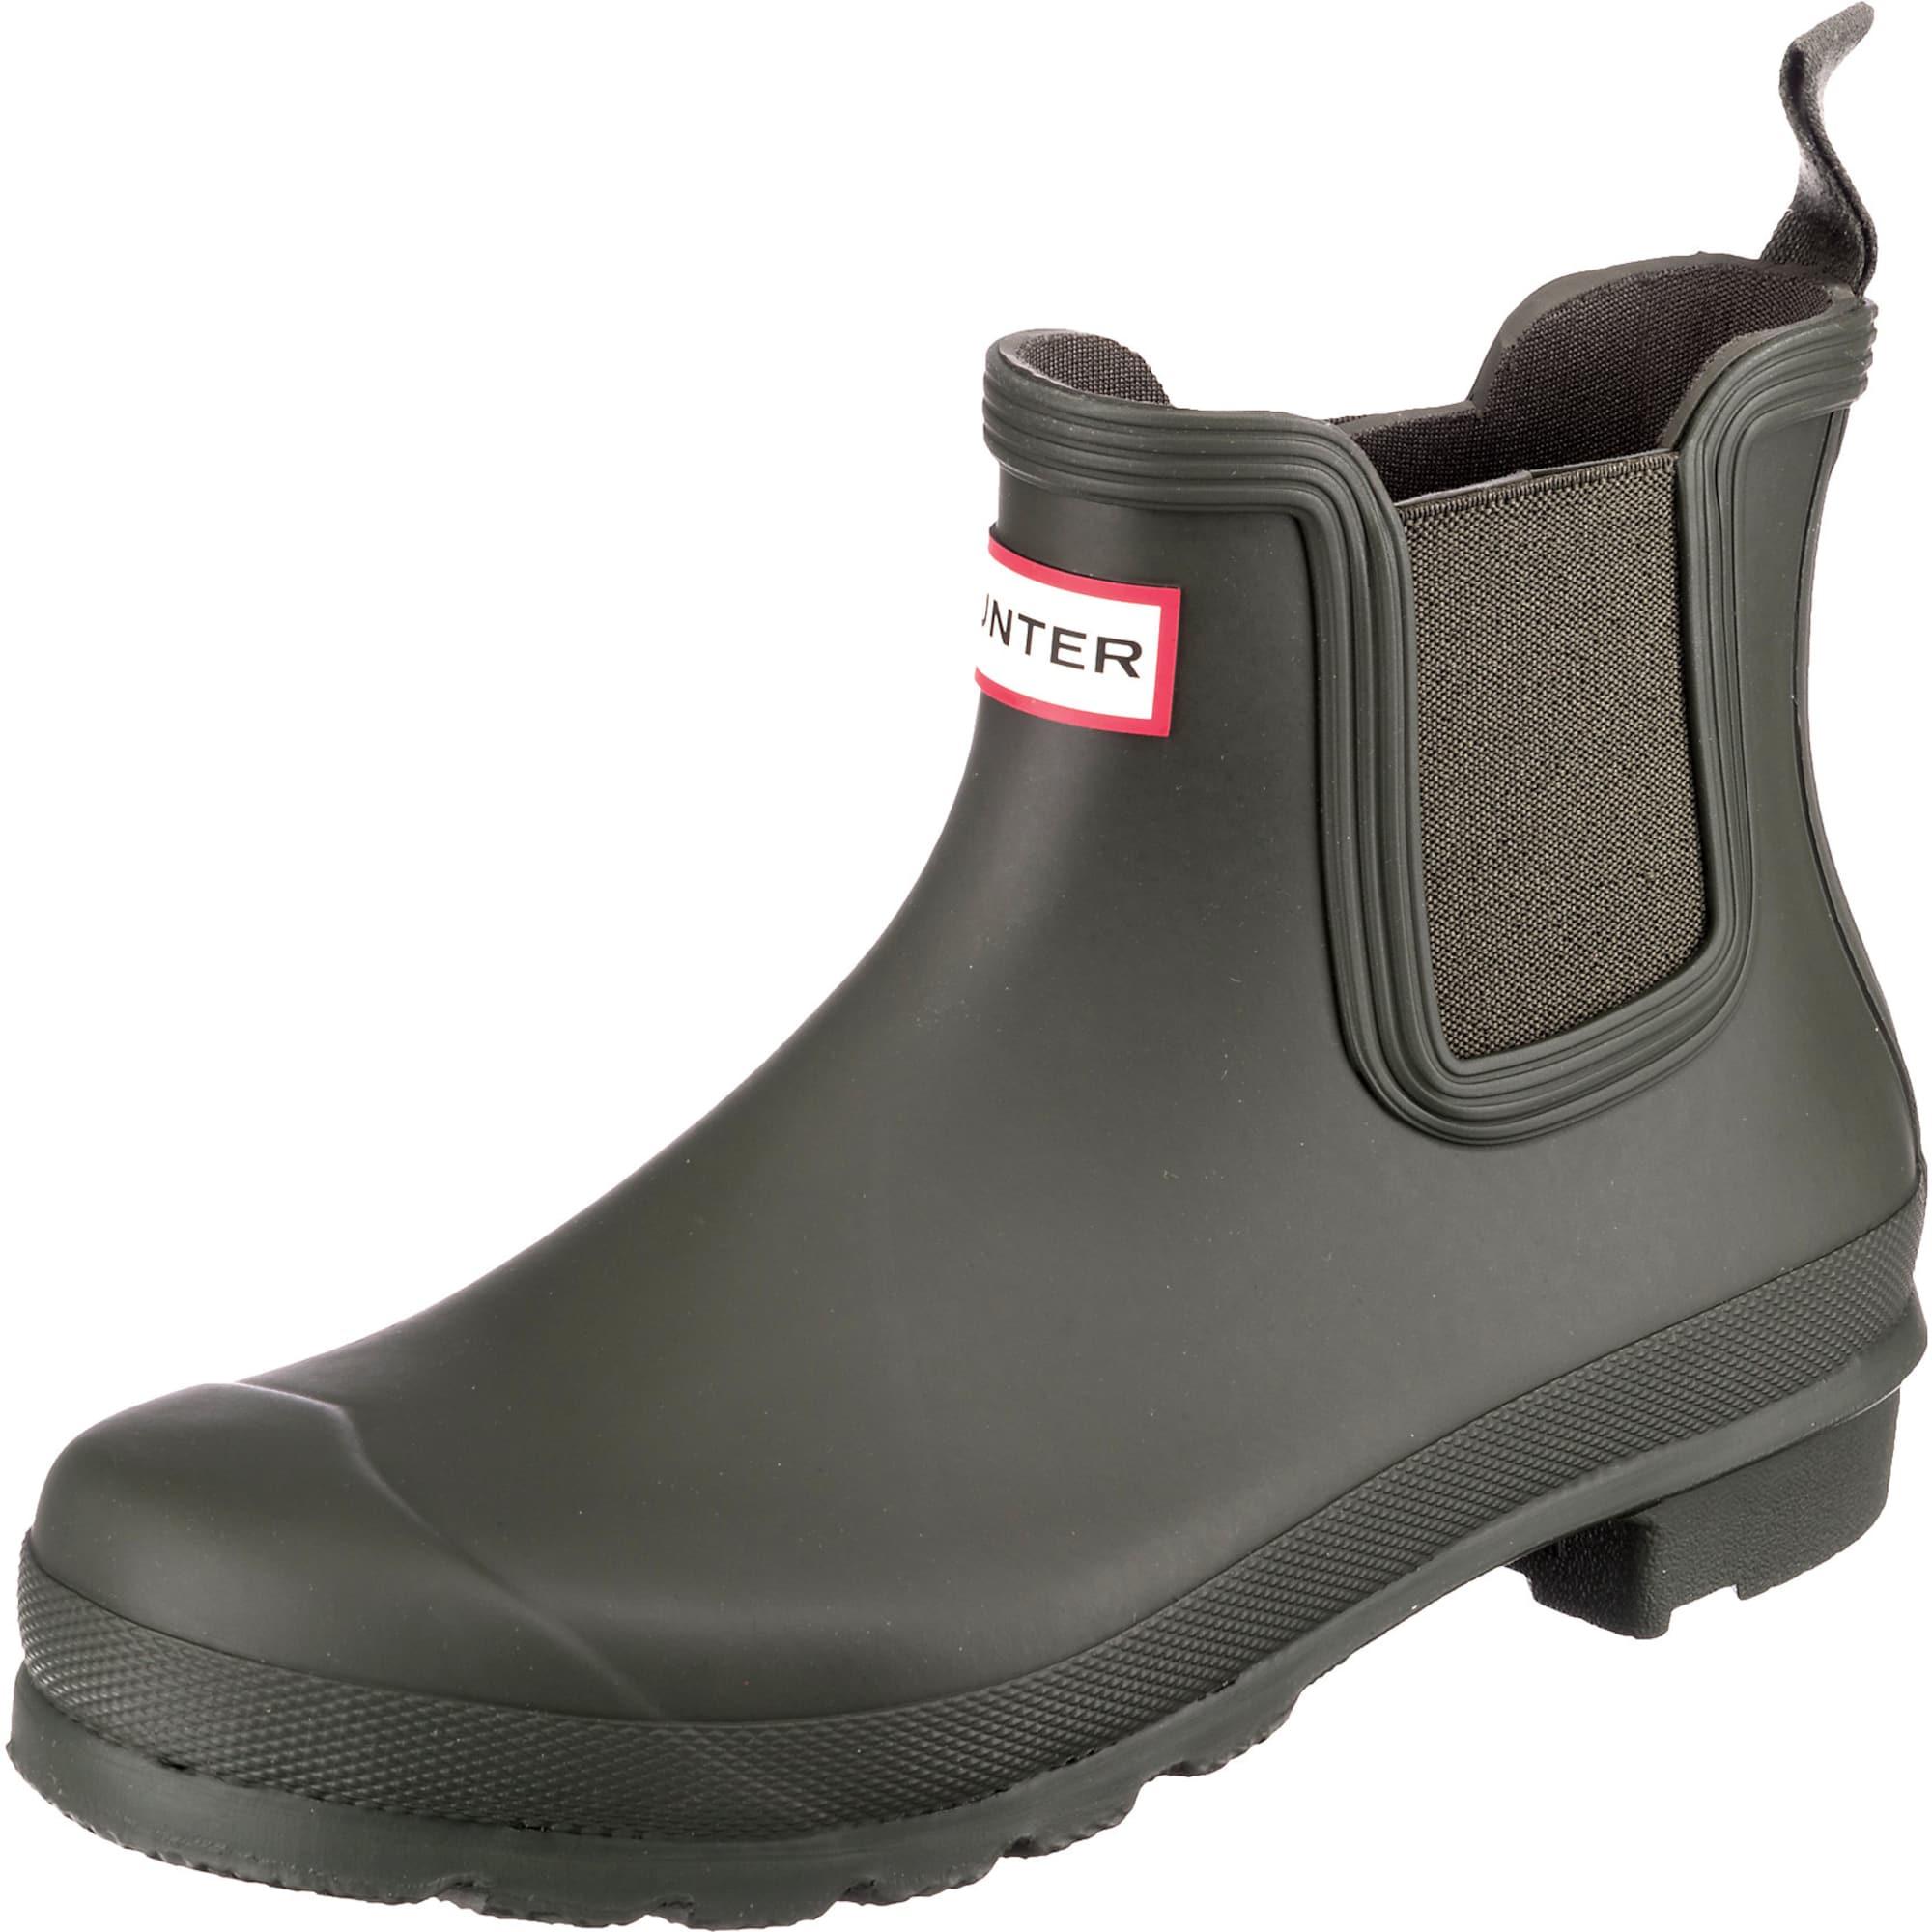 HUNTER Guminiai batai tamsiai žalia